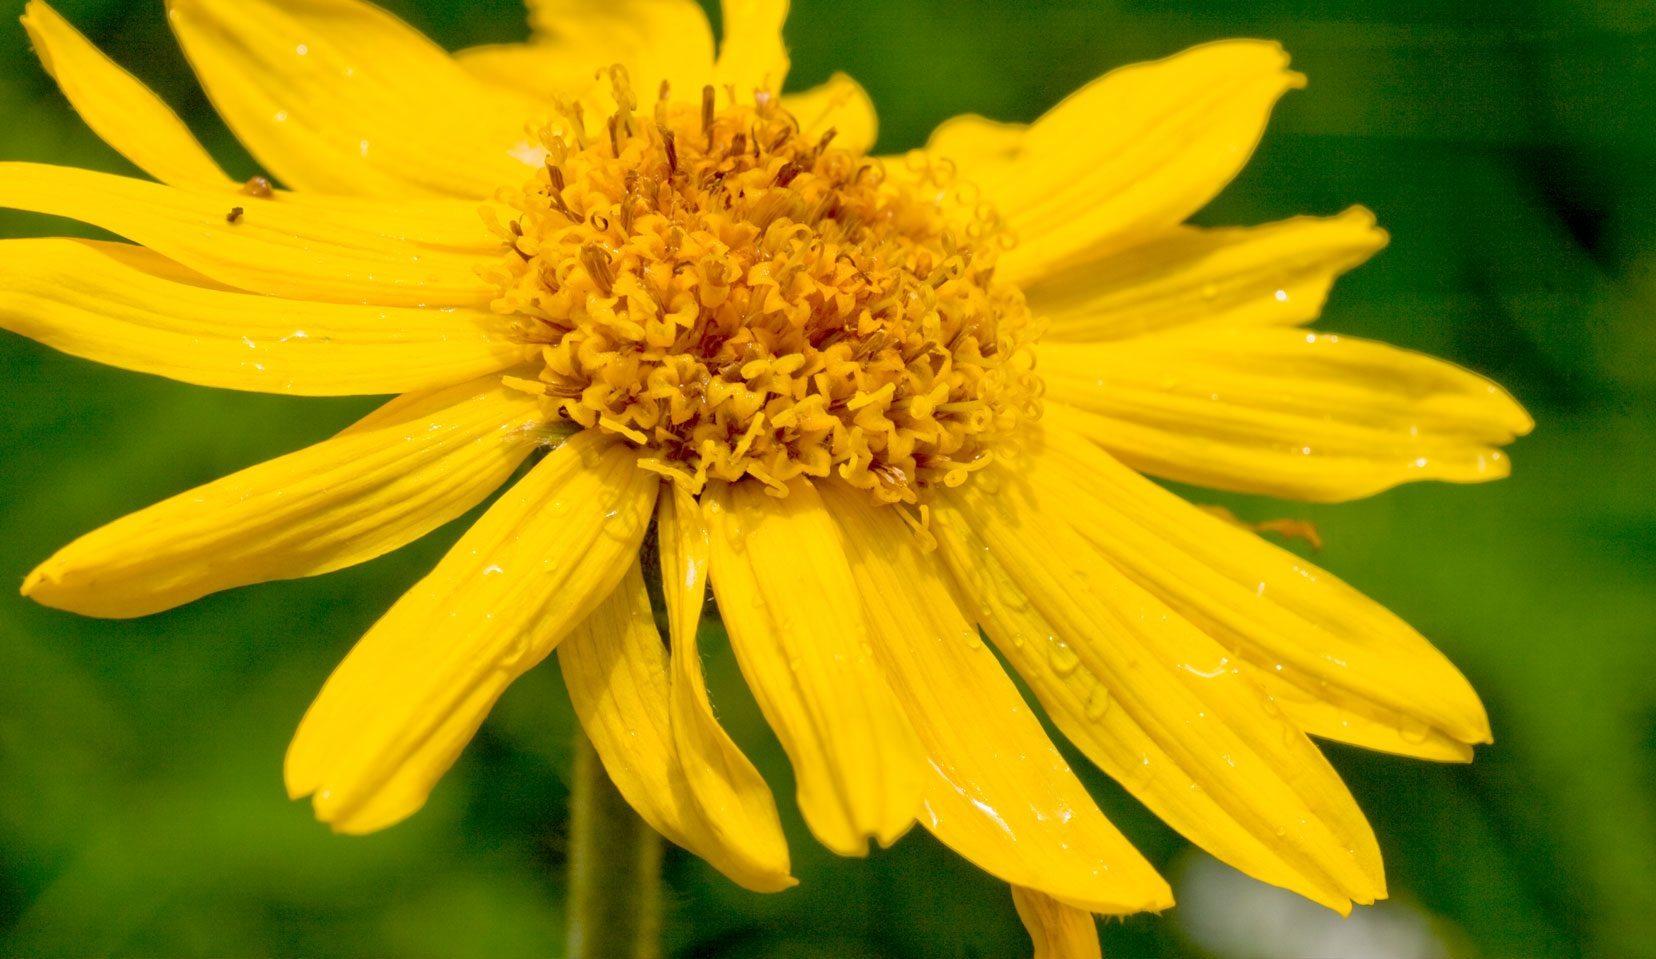 Pianta Orecchie Di Agnello arnica (arnica montana l.) - medicinali wala